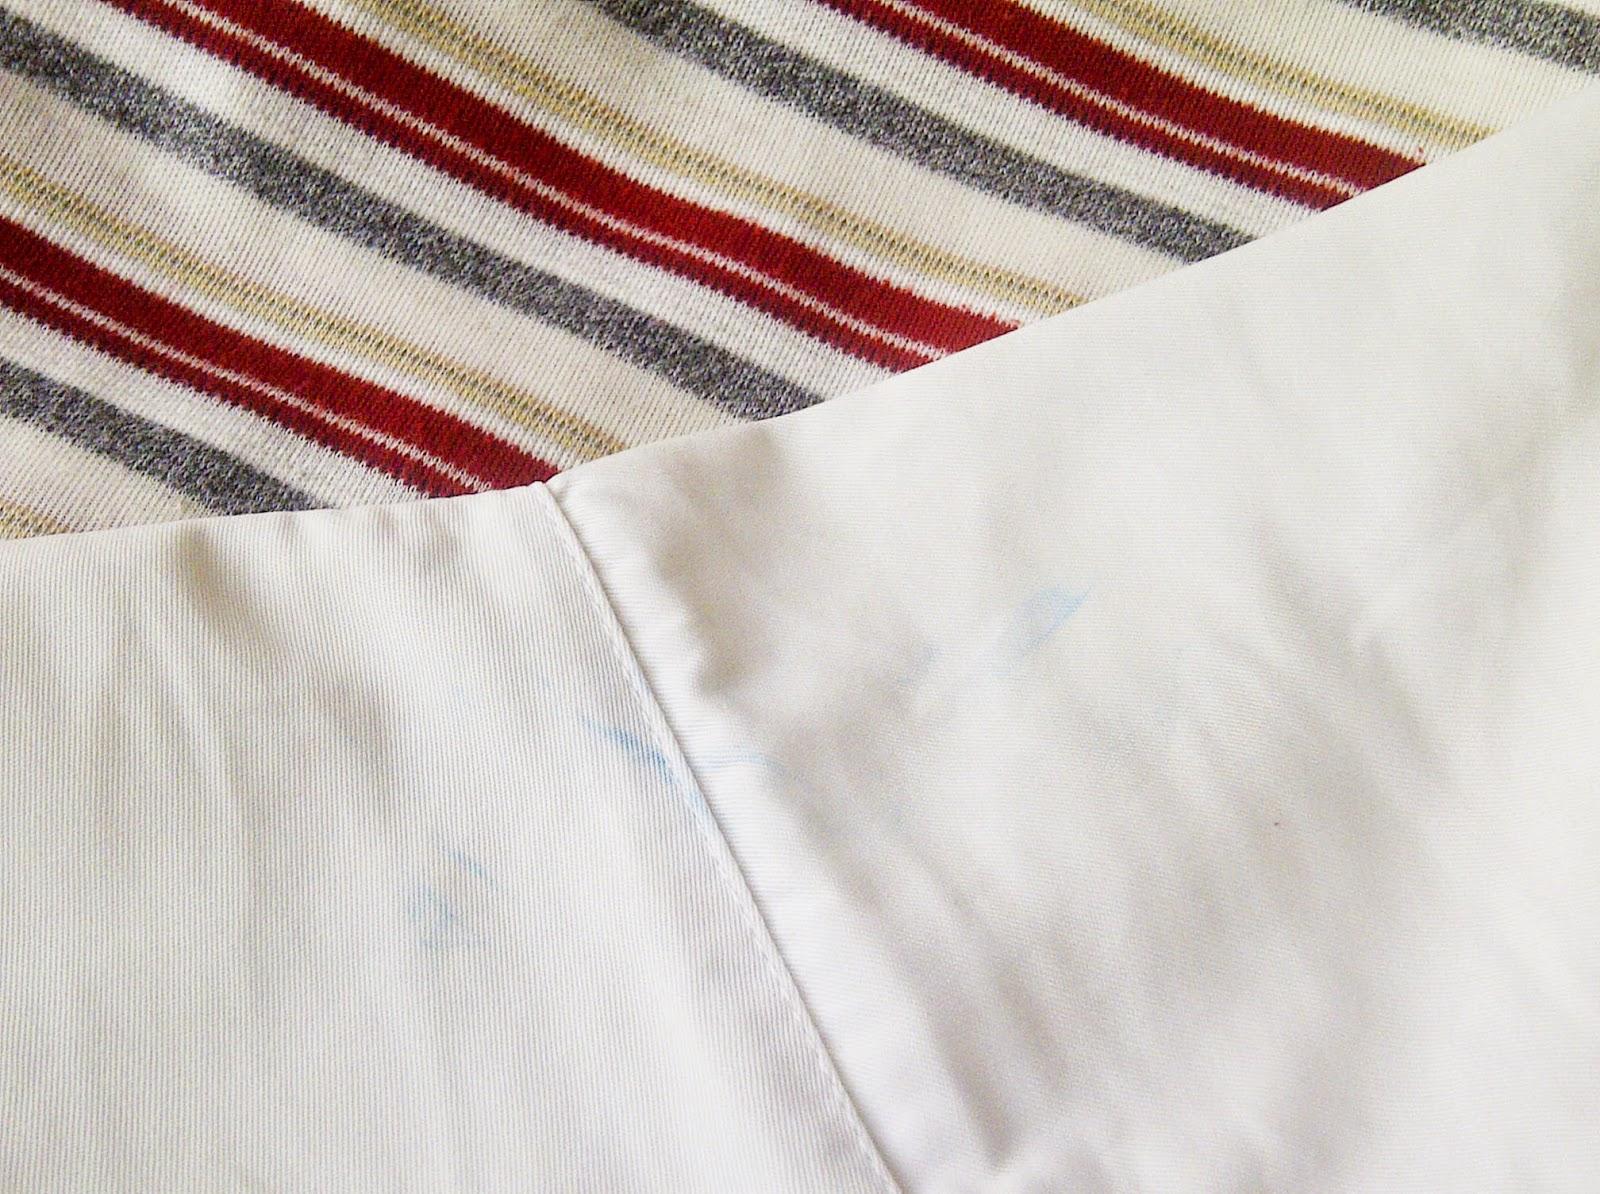 cara menghilangkan noda pakaian